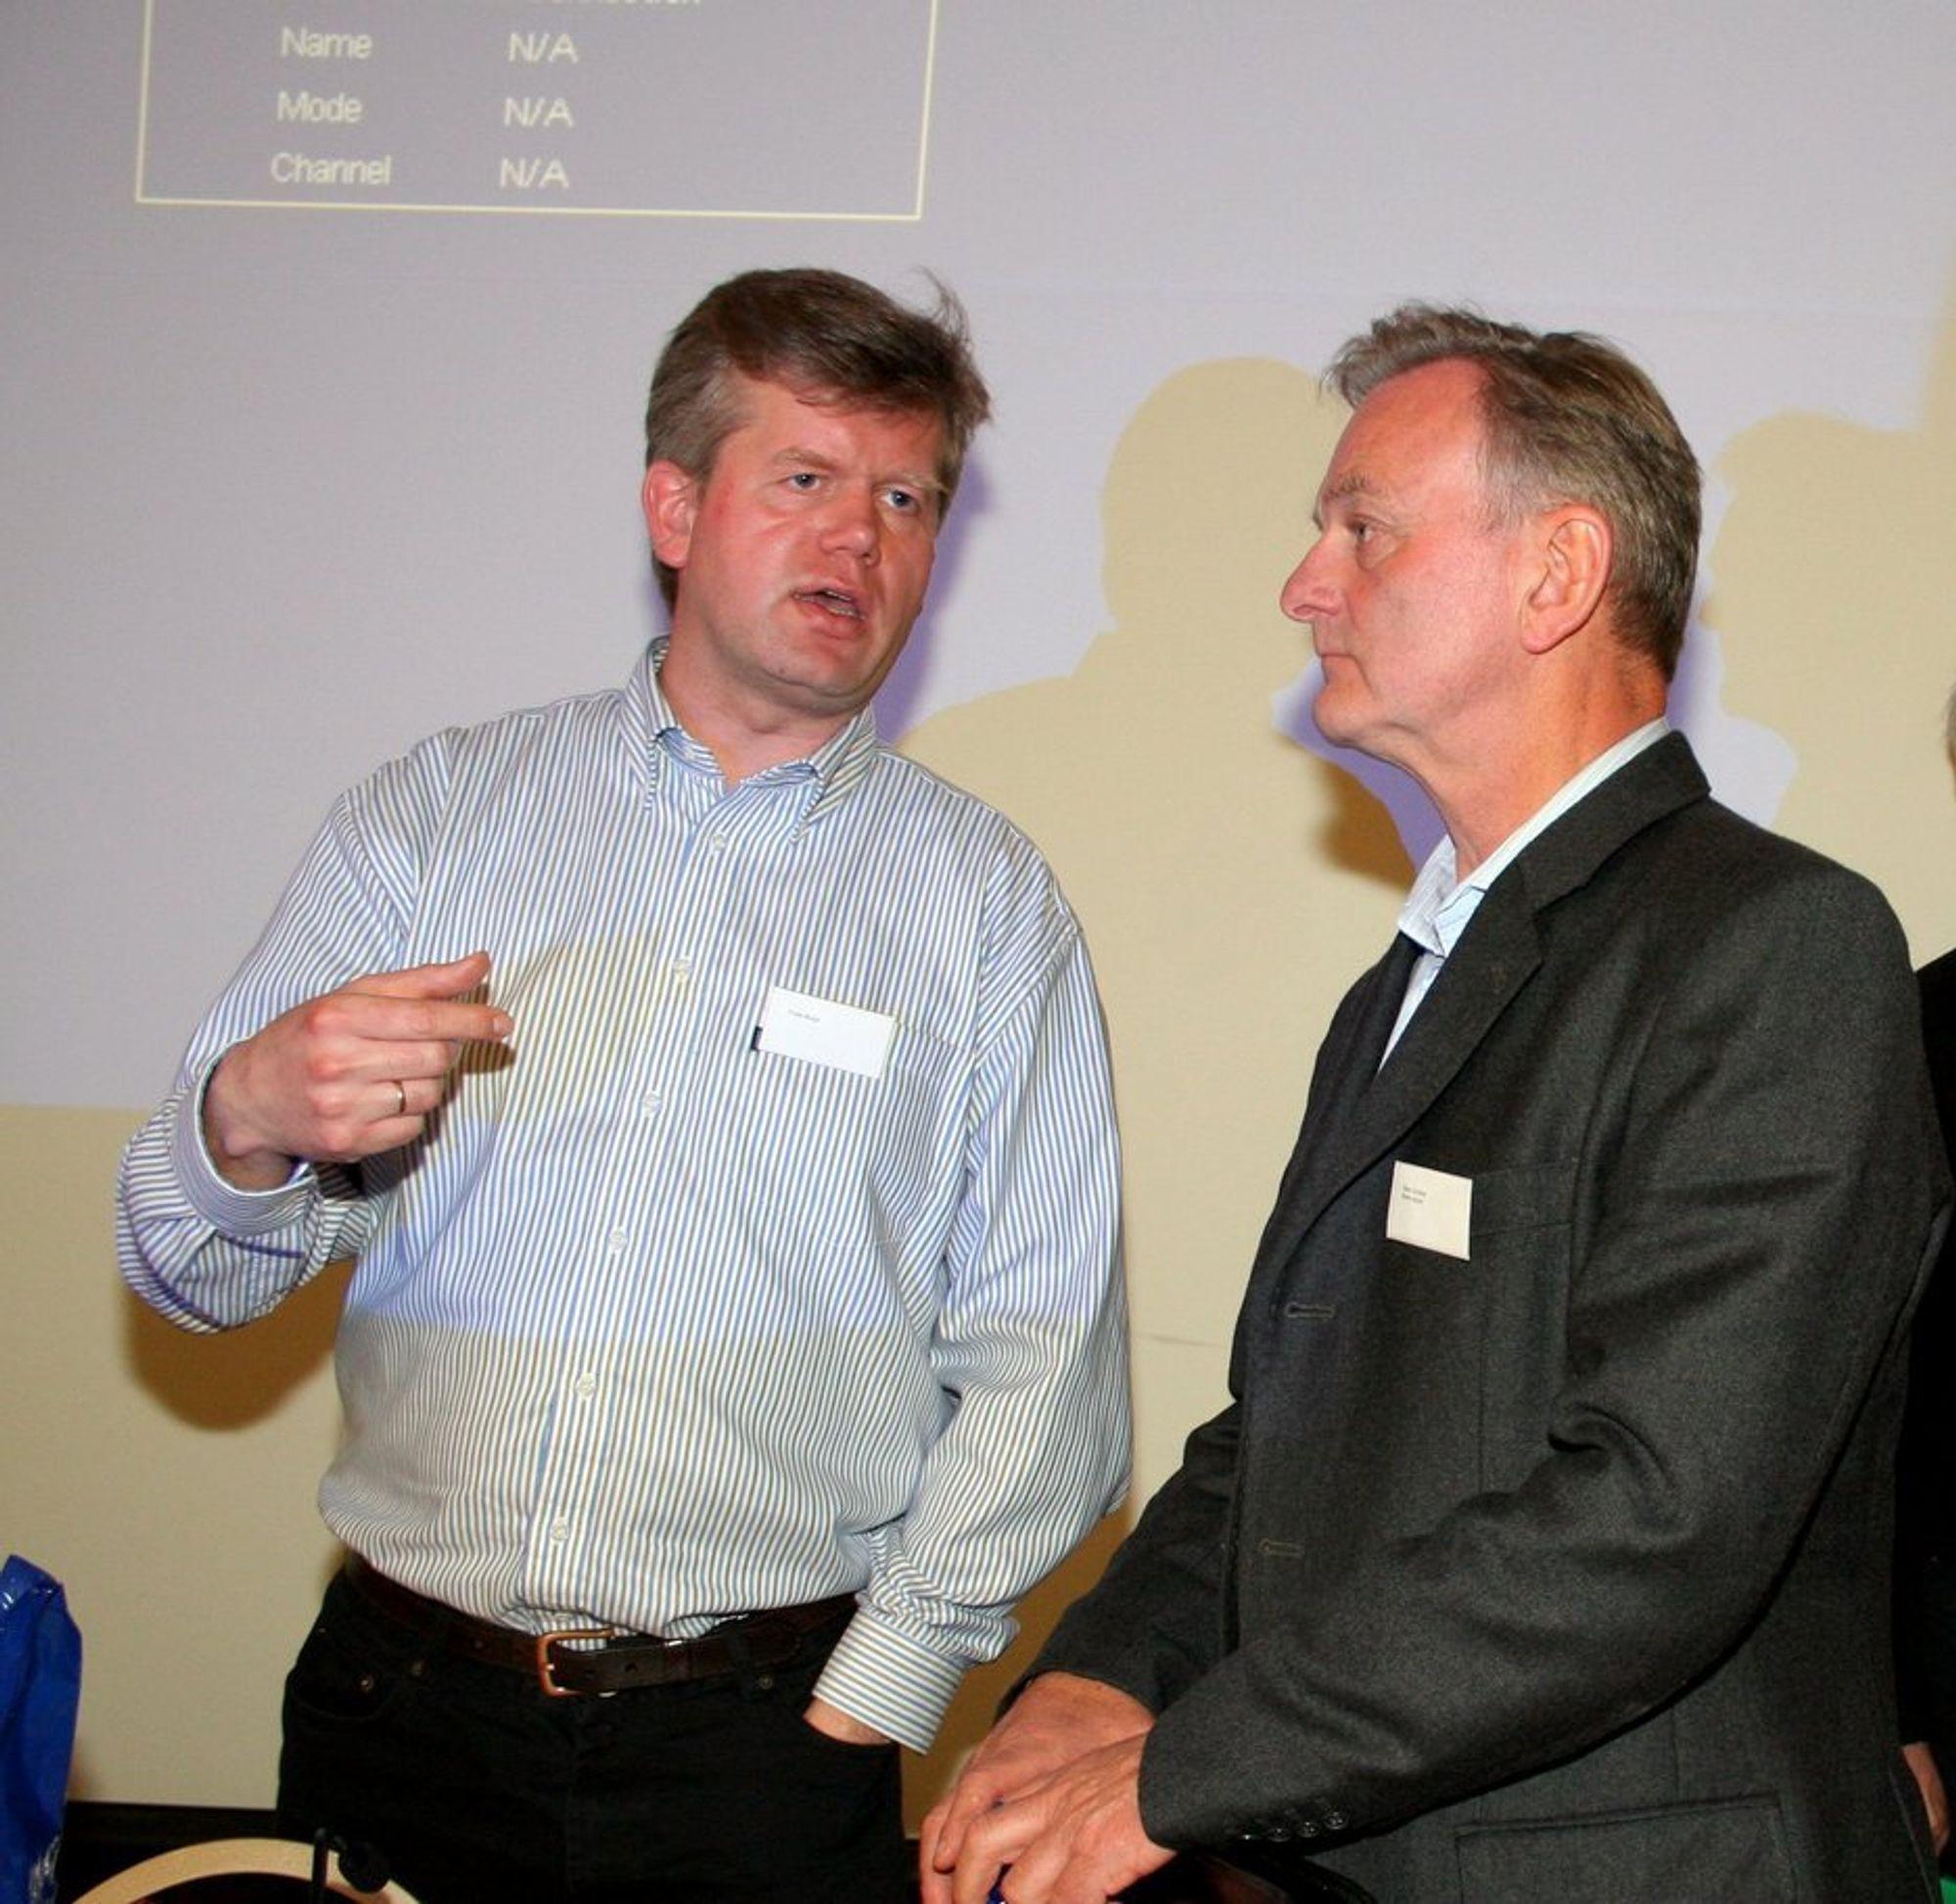 OMSTILLING: Omstilling av industribedrifter sto på dagsorden under Norsk Materialteknisk Selskaps sommermøte forrige uke. Her er statssekretær Frode Berge (til venstre) i diskusjon med Svein Sundsbø fra Norsk Industri.